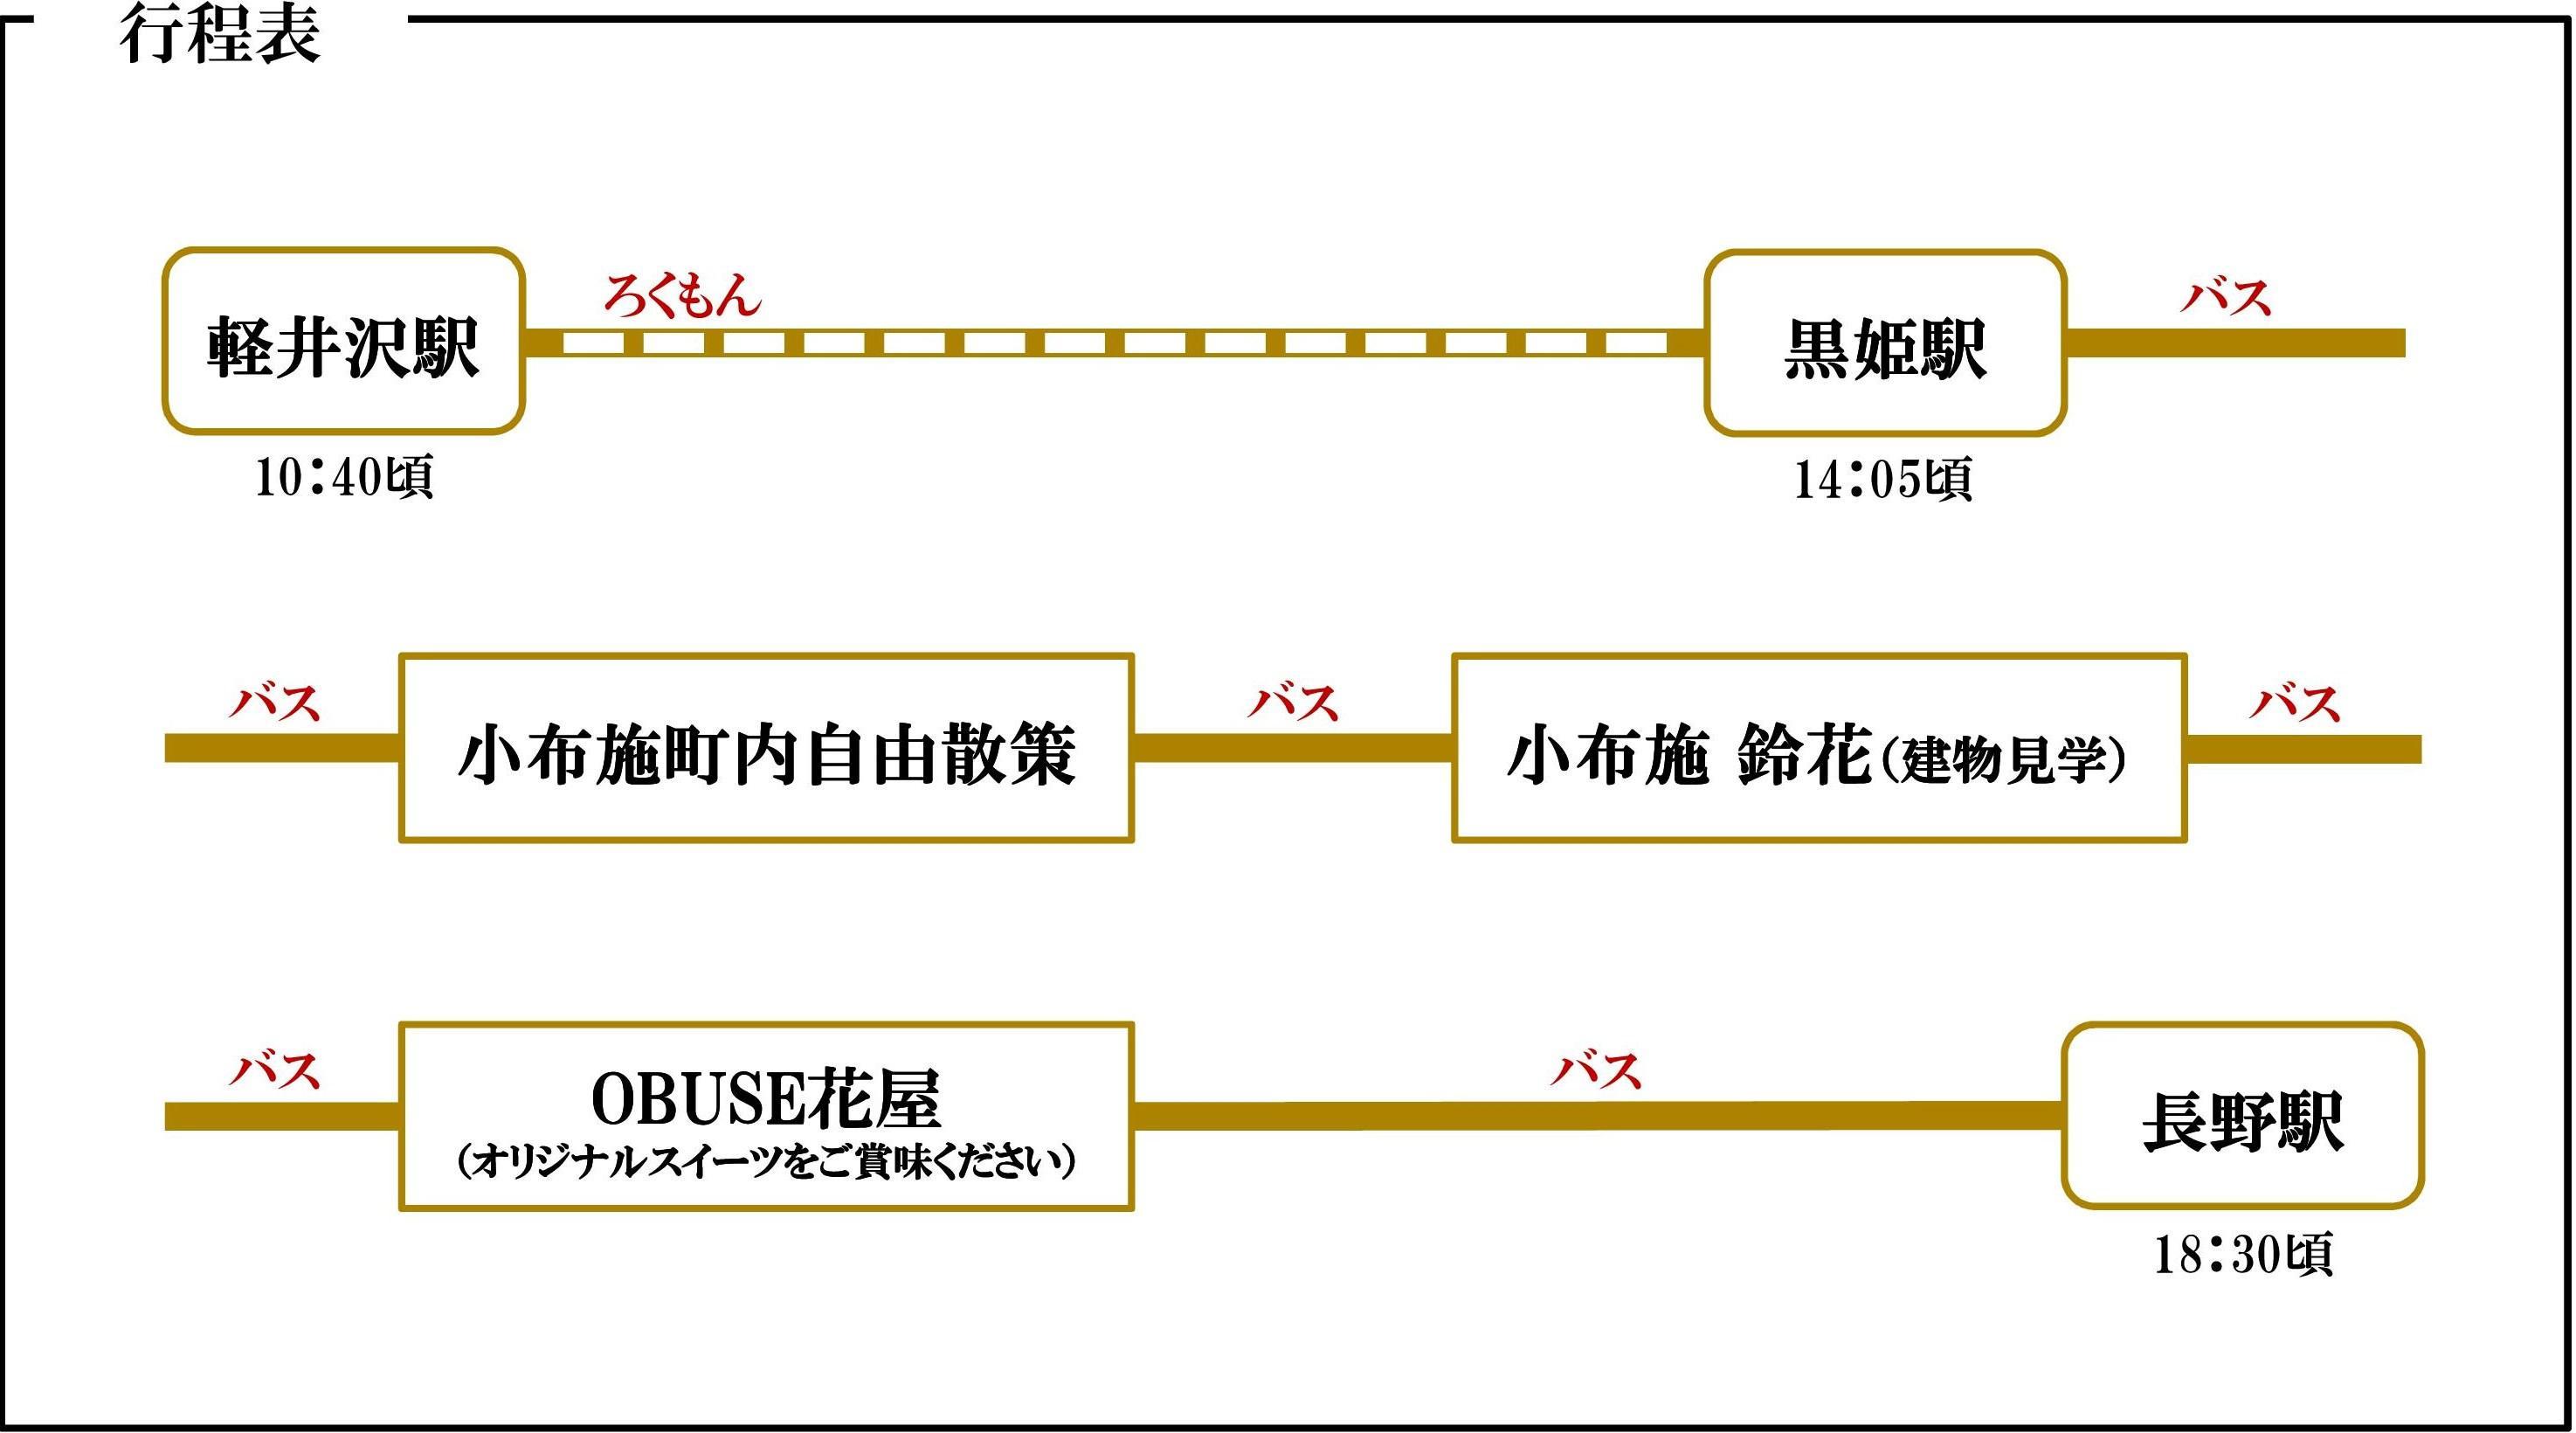 20170519_cruisetrain_koutei_3.jpg